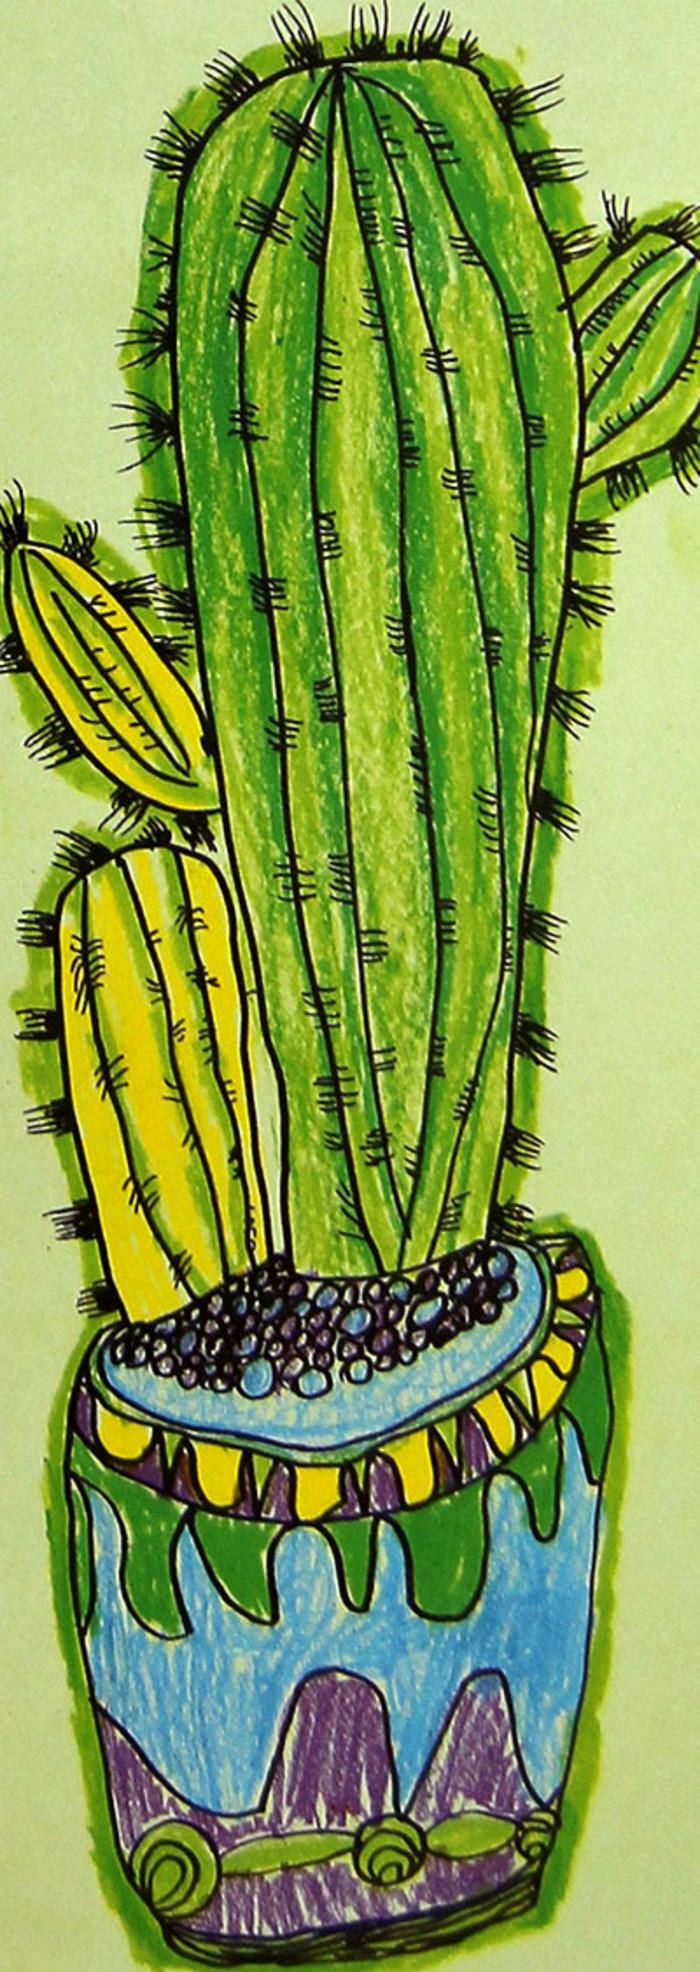 仙人掌-蜡笔画图集